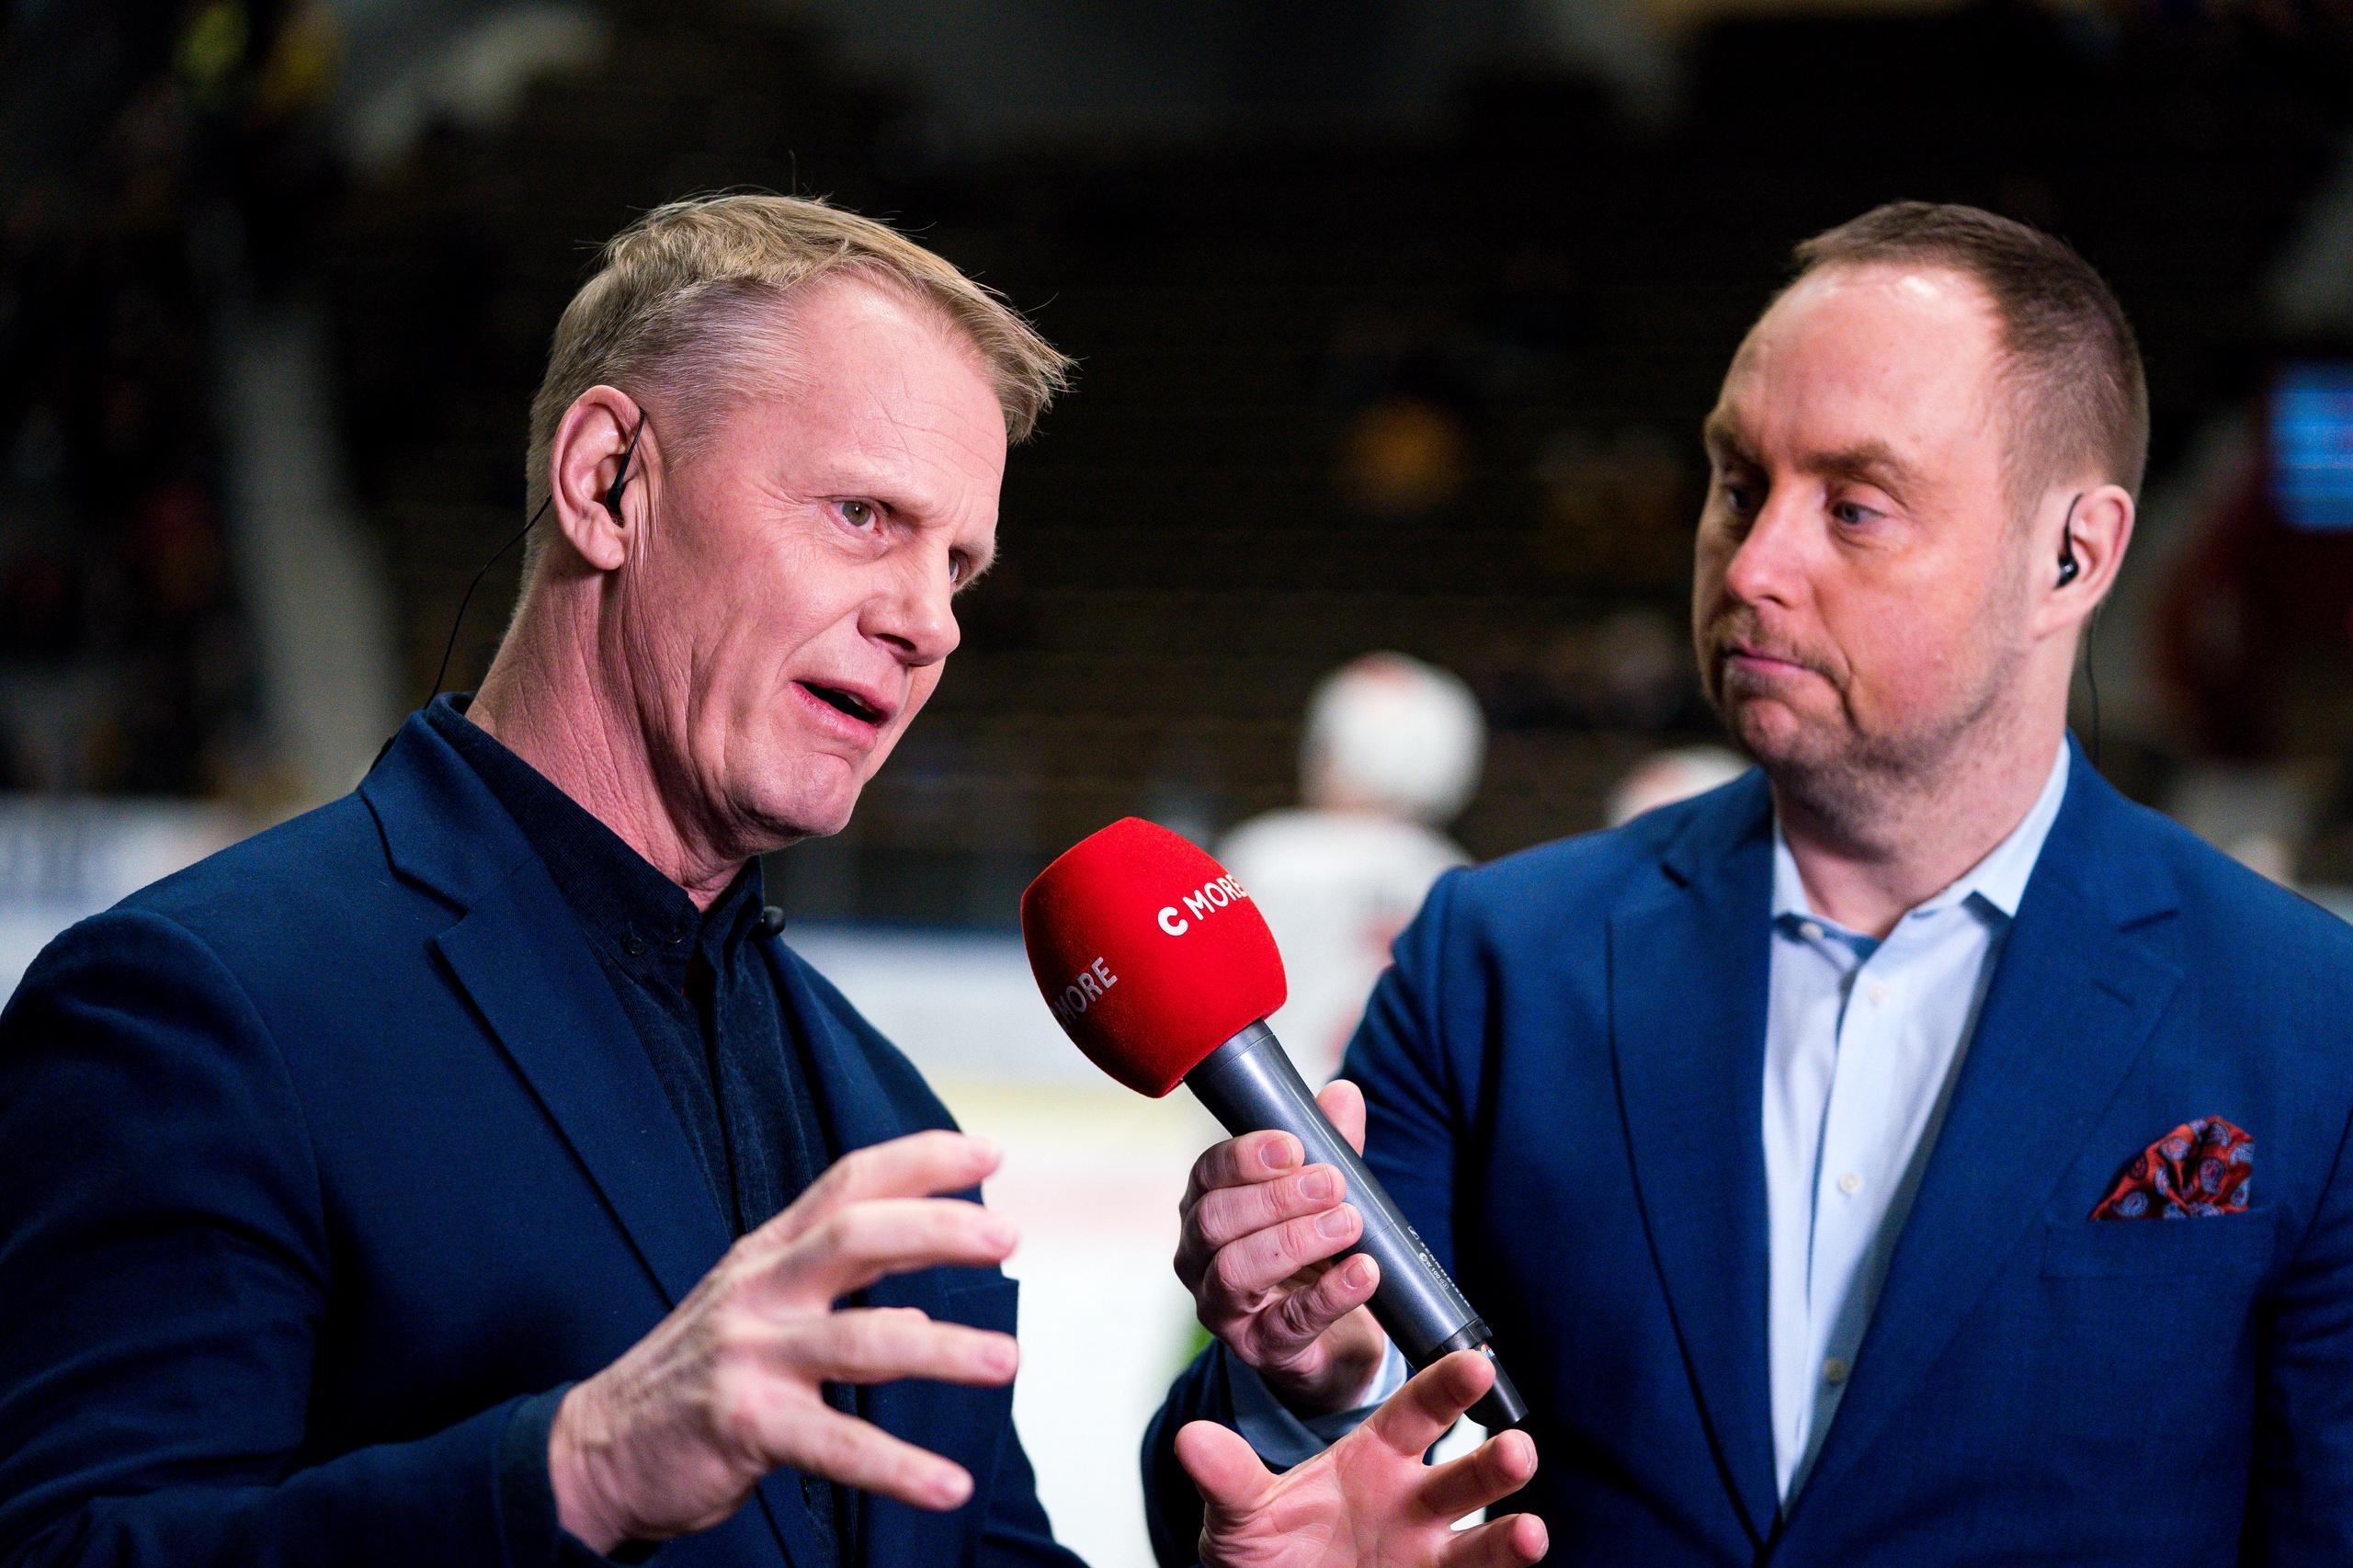 """Niklas Wikegårds ilska mot filmarna: """"Bita ihop är det finaste man kan göra"""""""